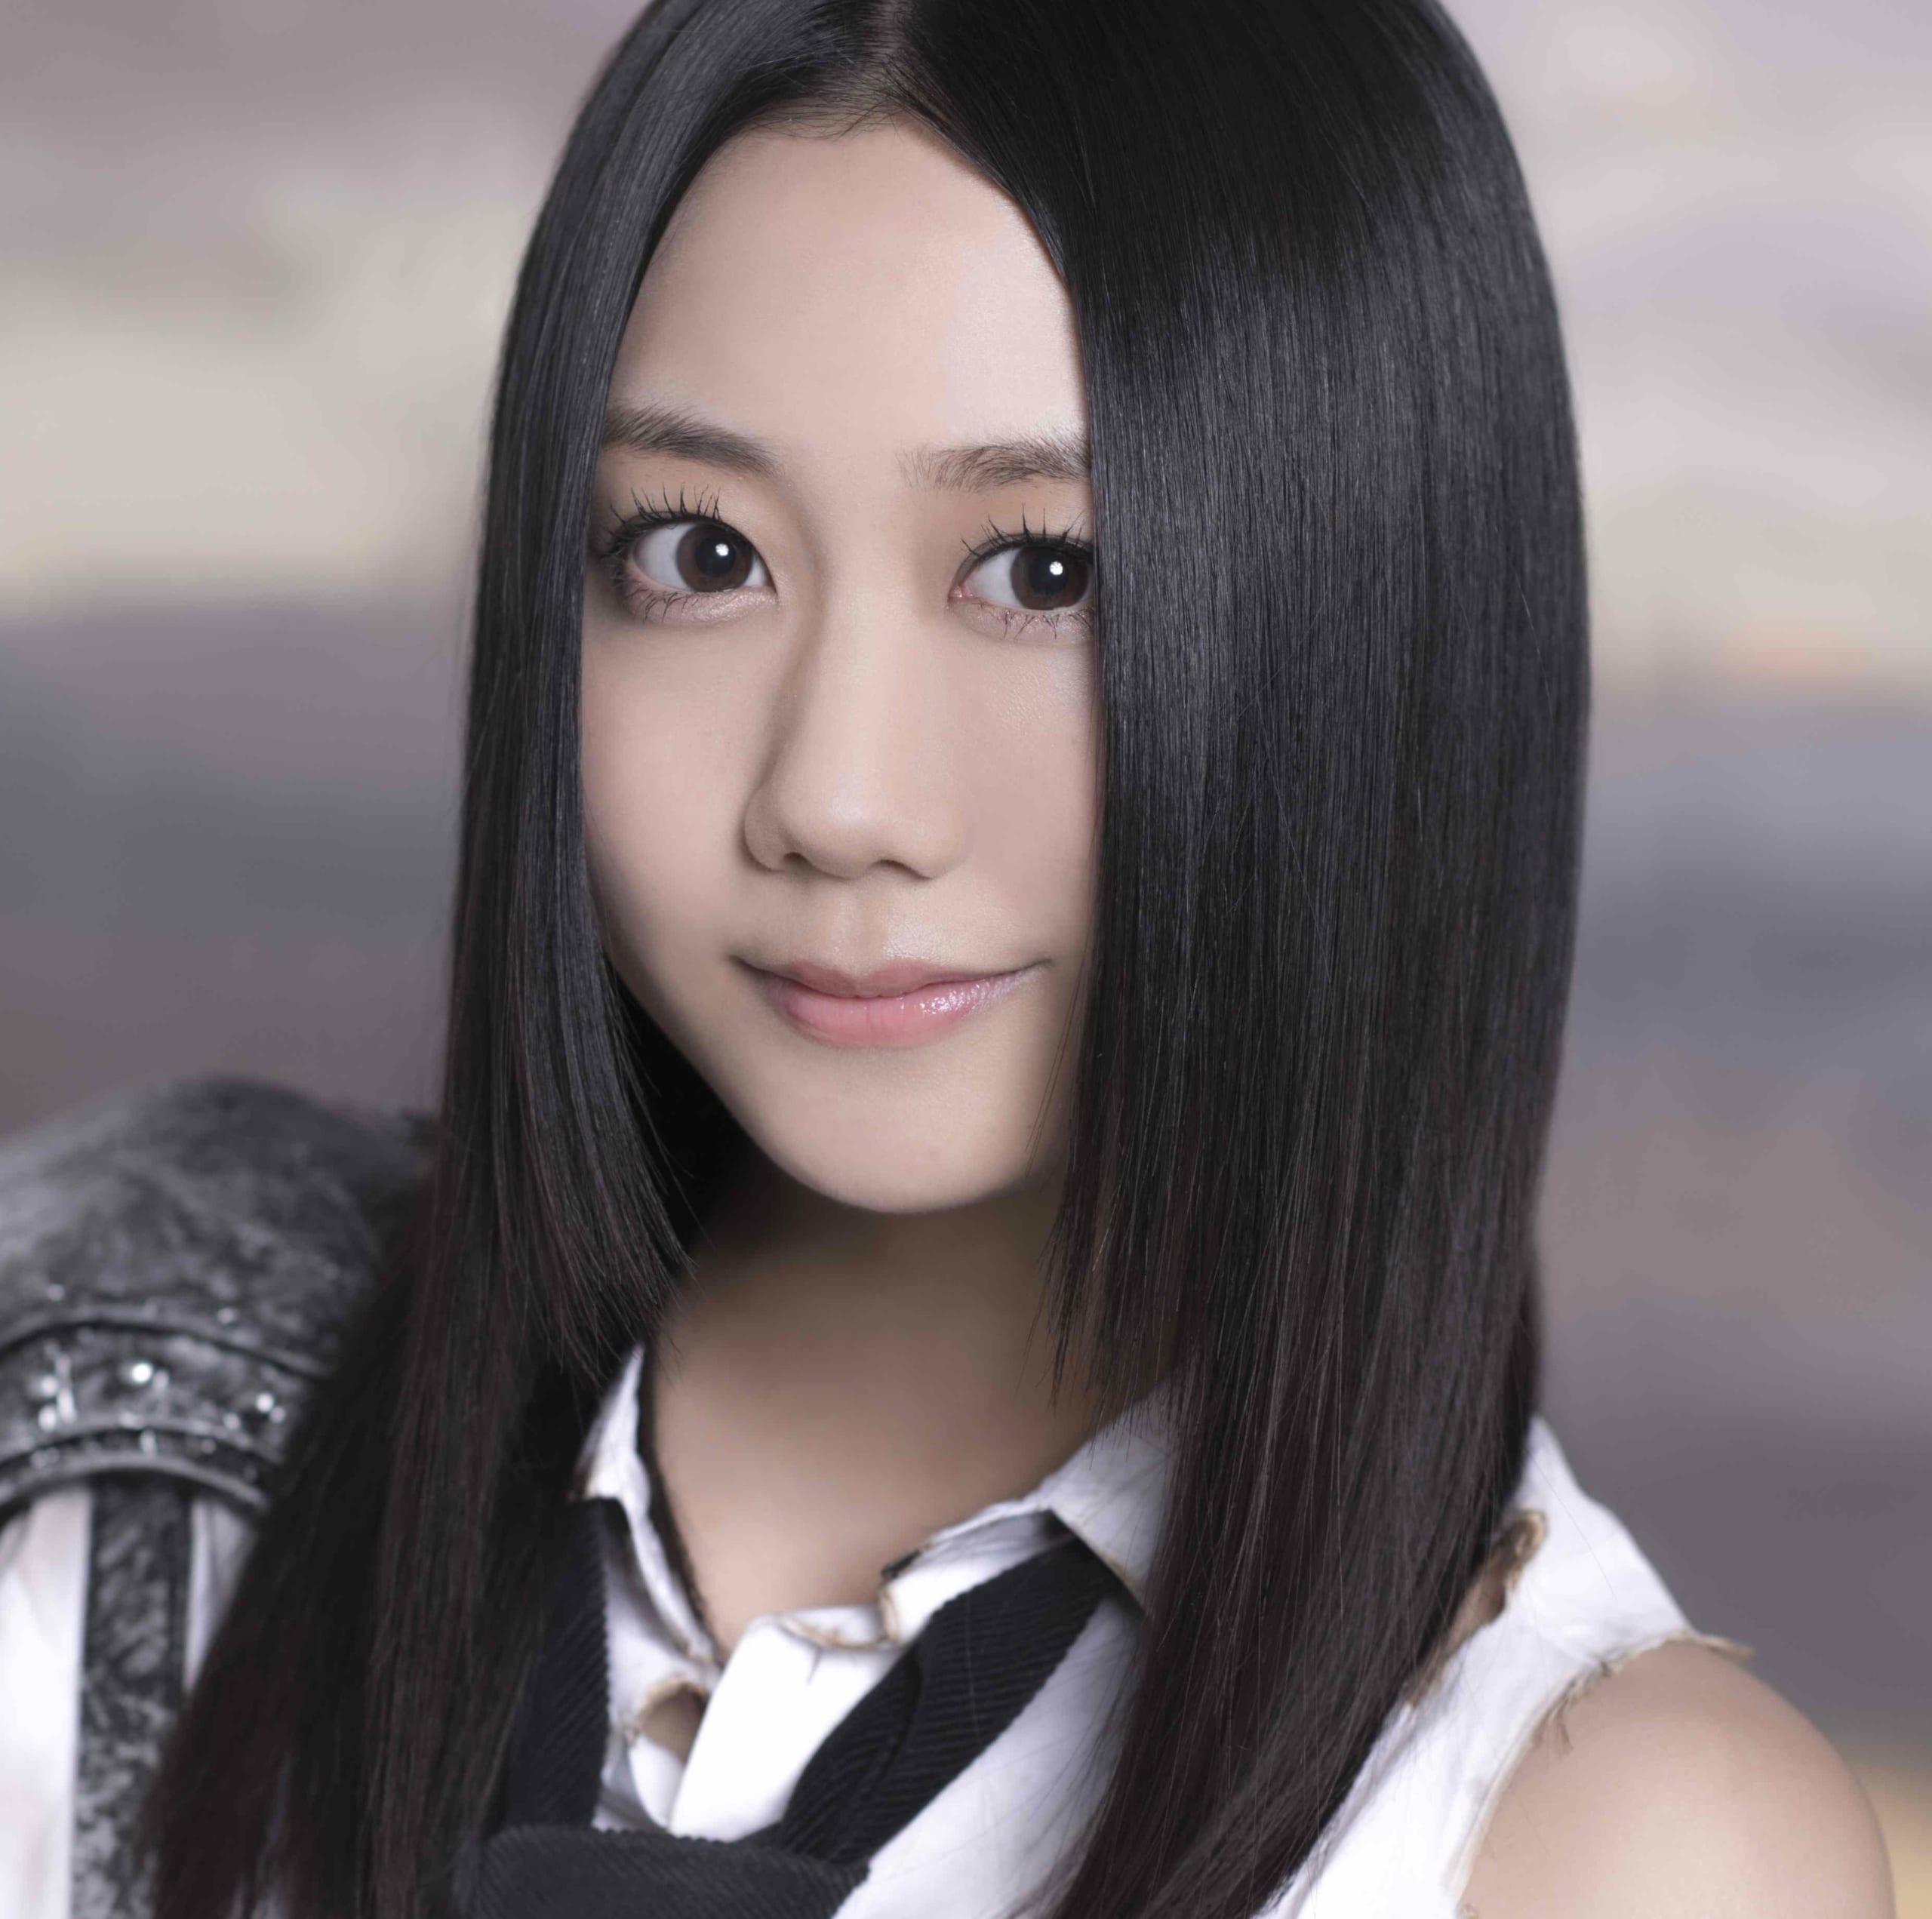 SKE48古畑奈和「一番おしゃれなのは、◯◯さん!」【「ガチ私服」抜き打ちチェック!】